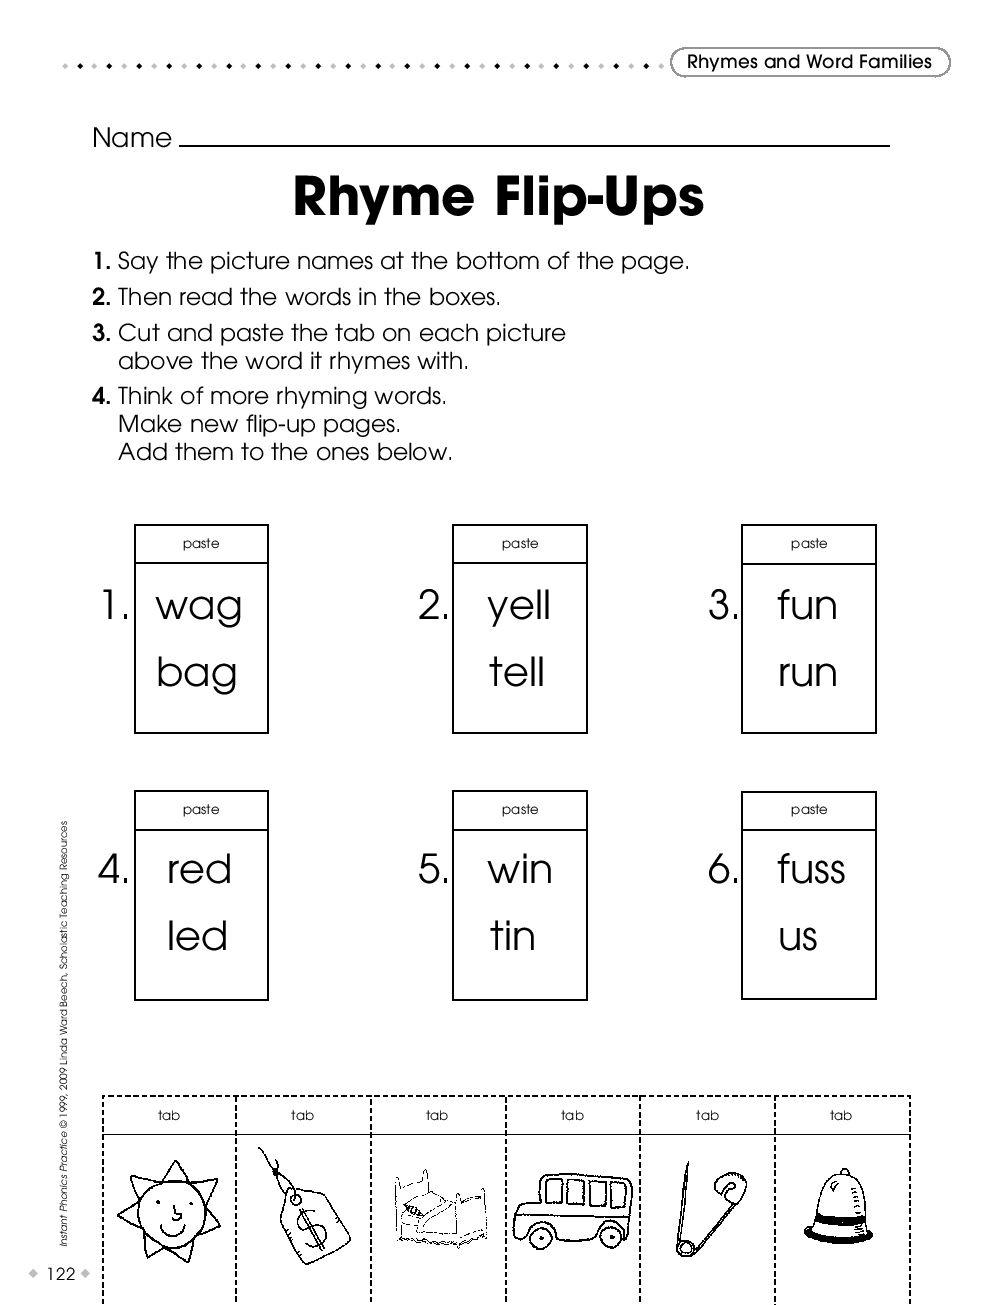 printable preschool worksheets in 2020 Printable